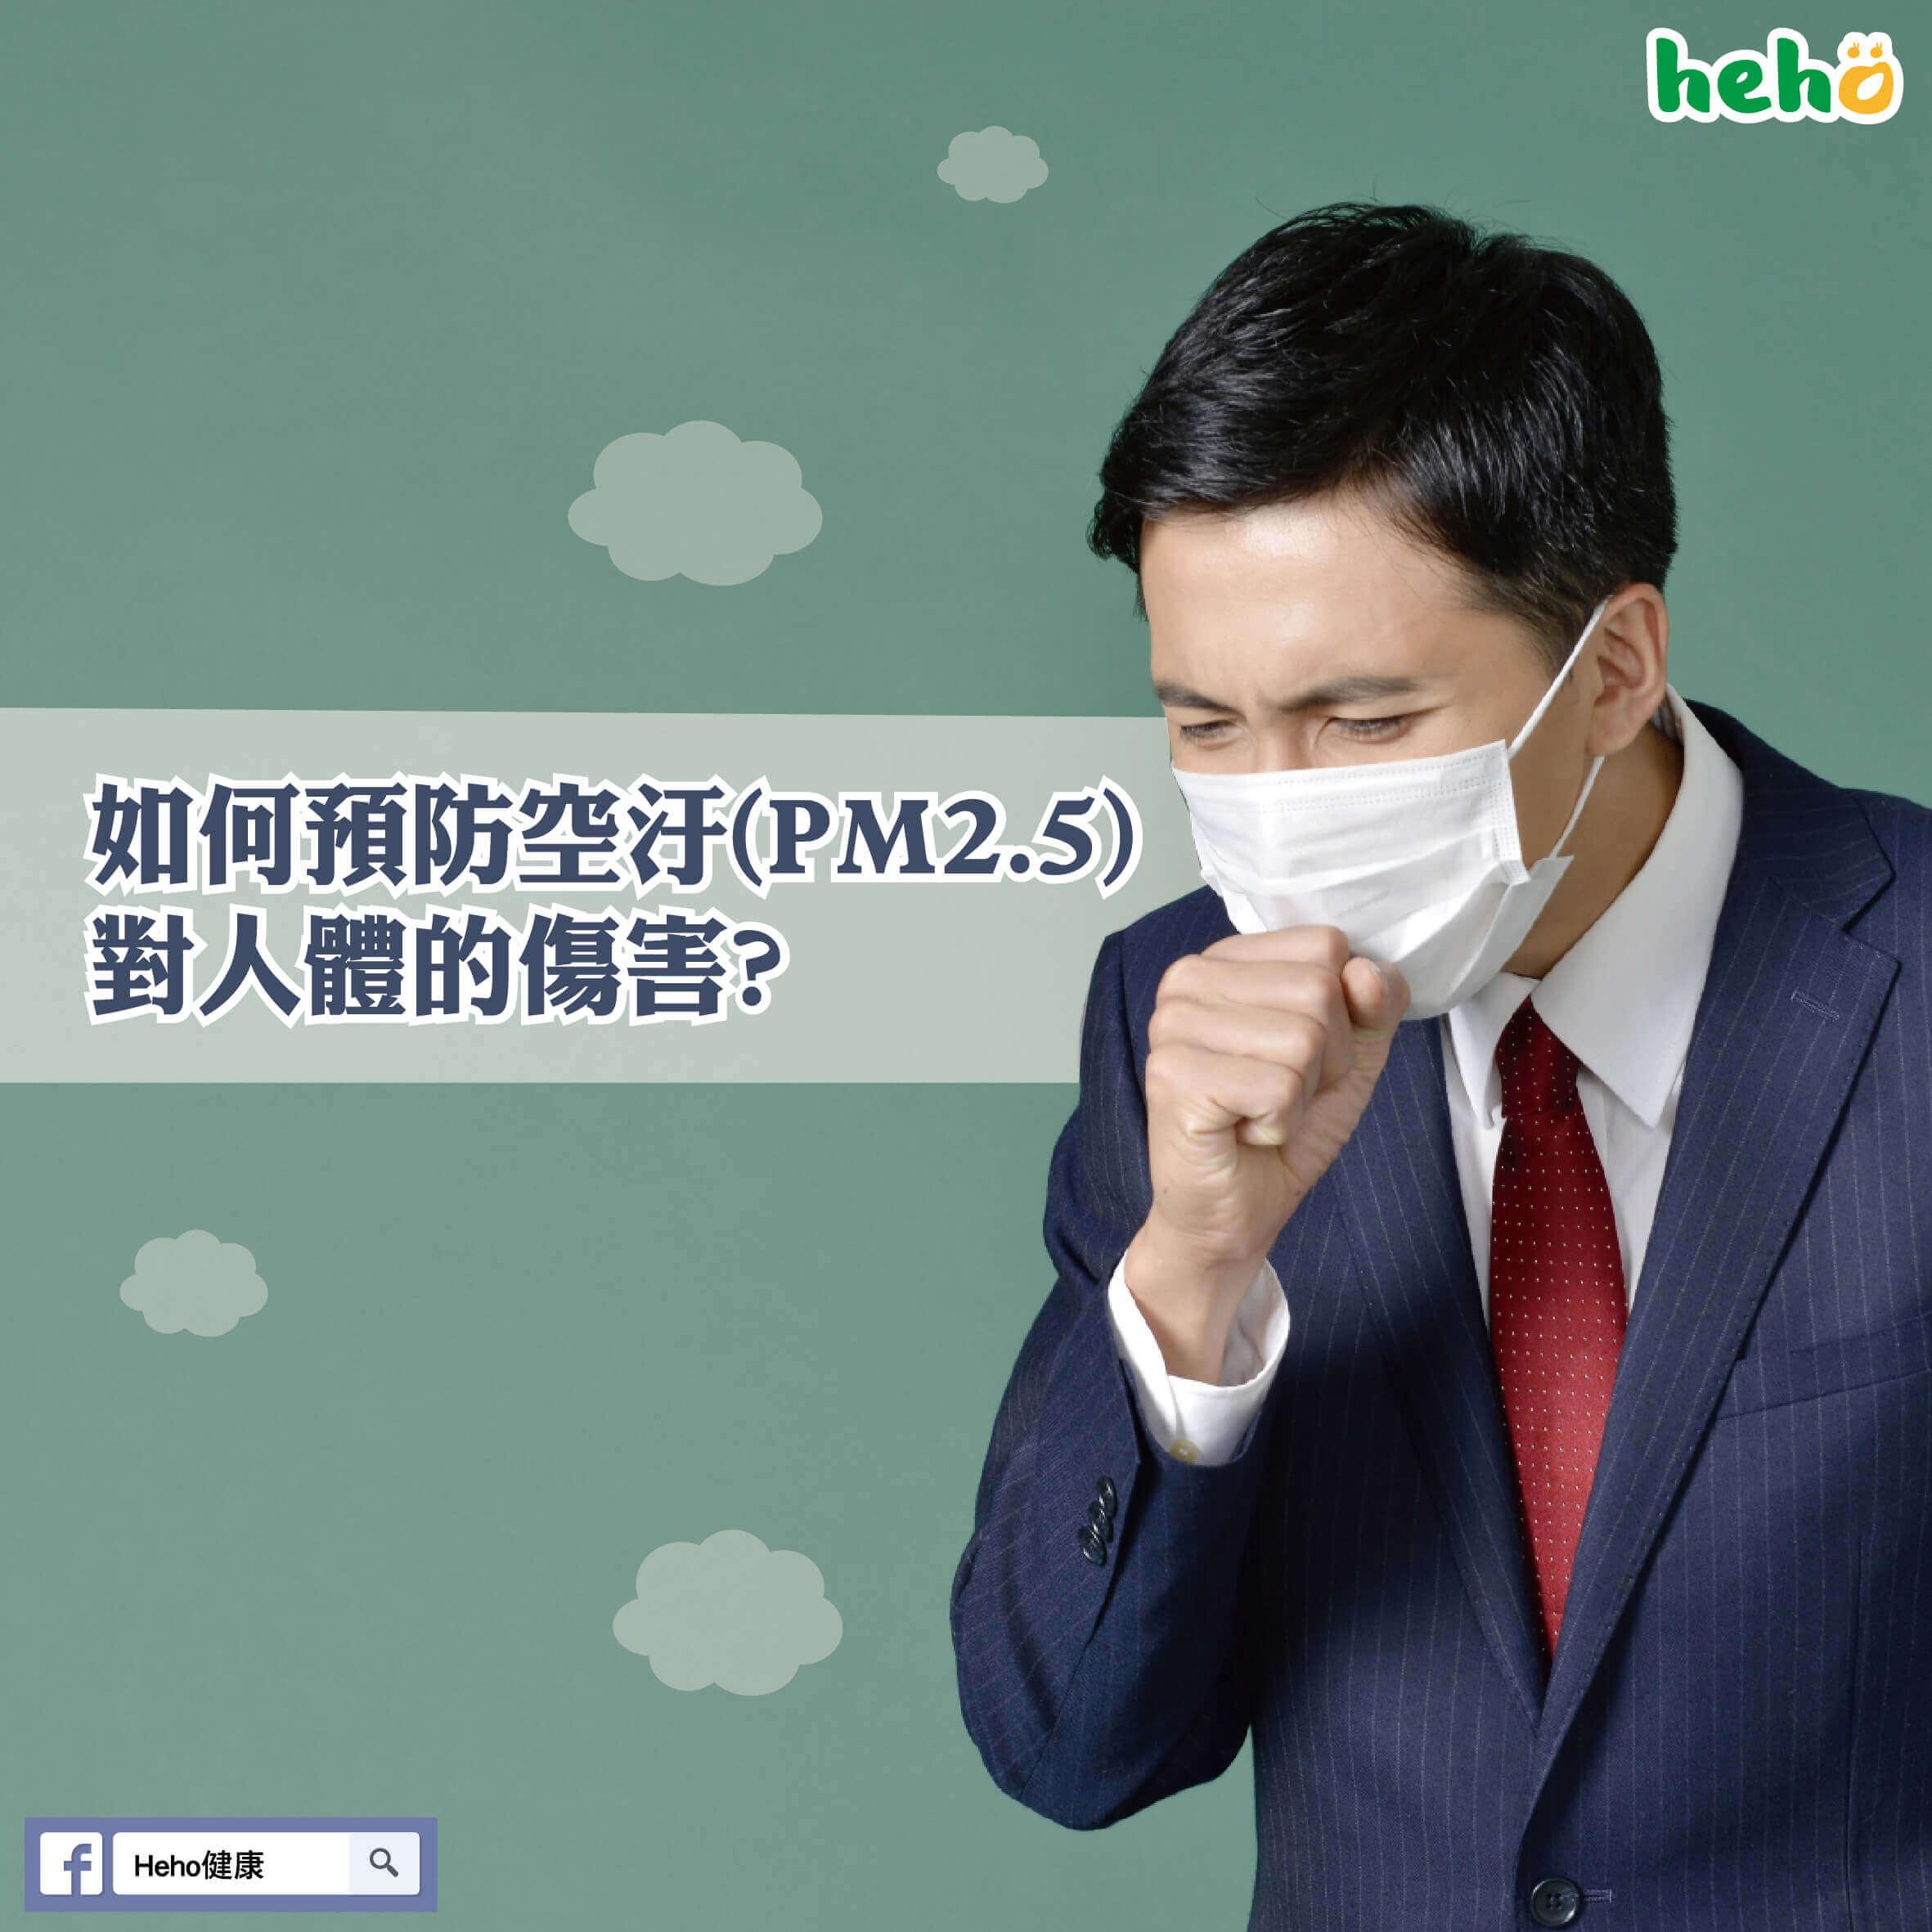 如何預防空汙(PM2.5)對人體的傷害?